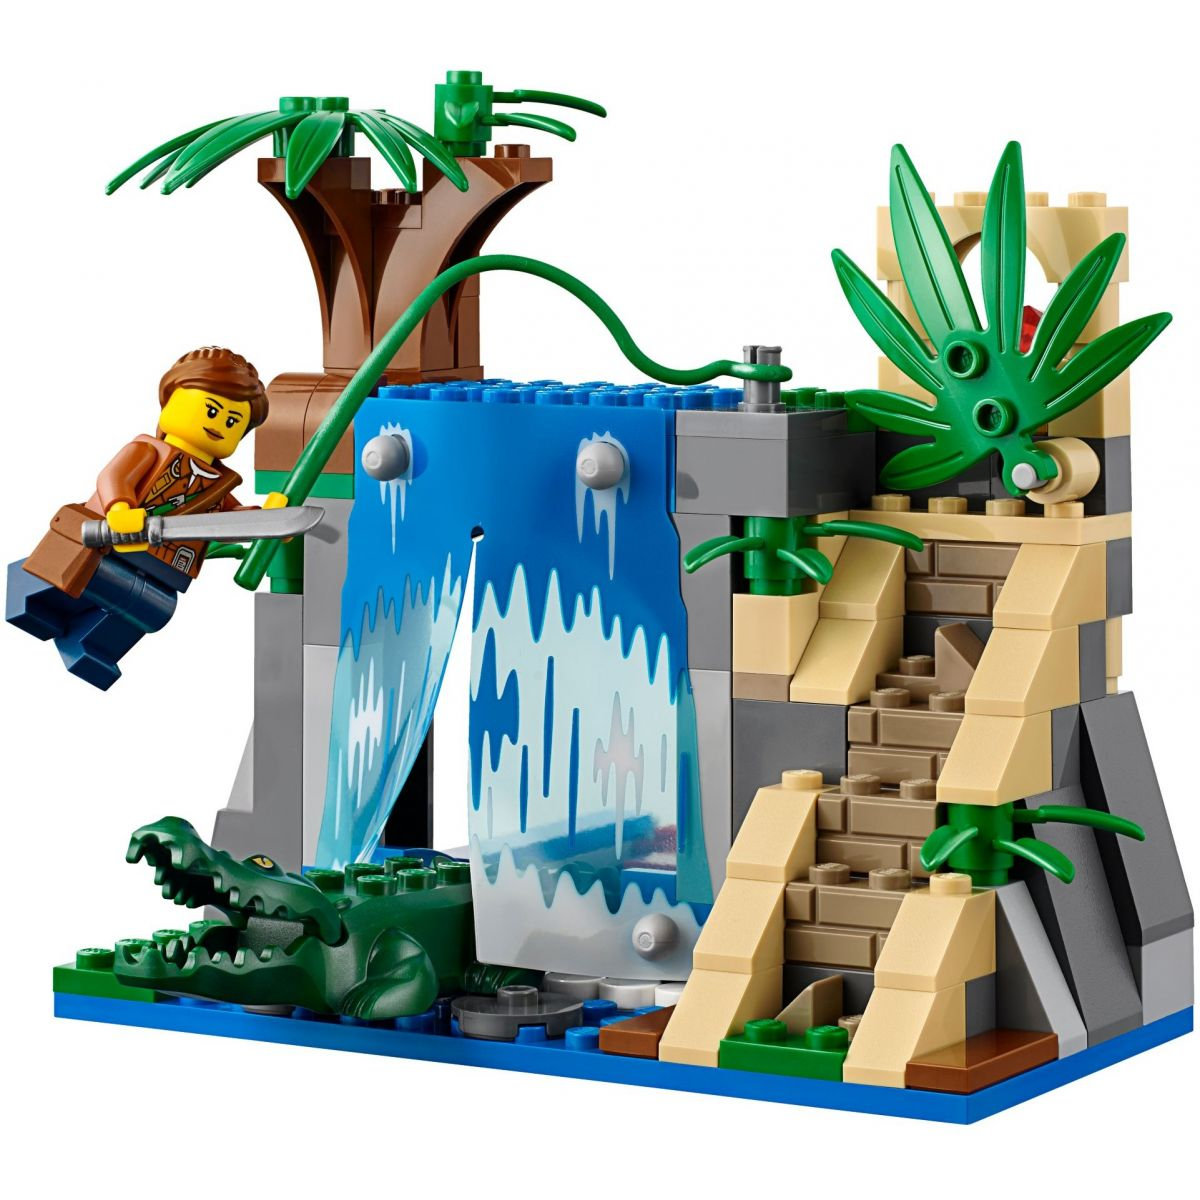 LEGO City 60160 Mobilní laboratoř do džungle #5